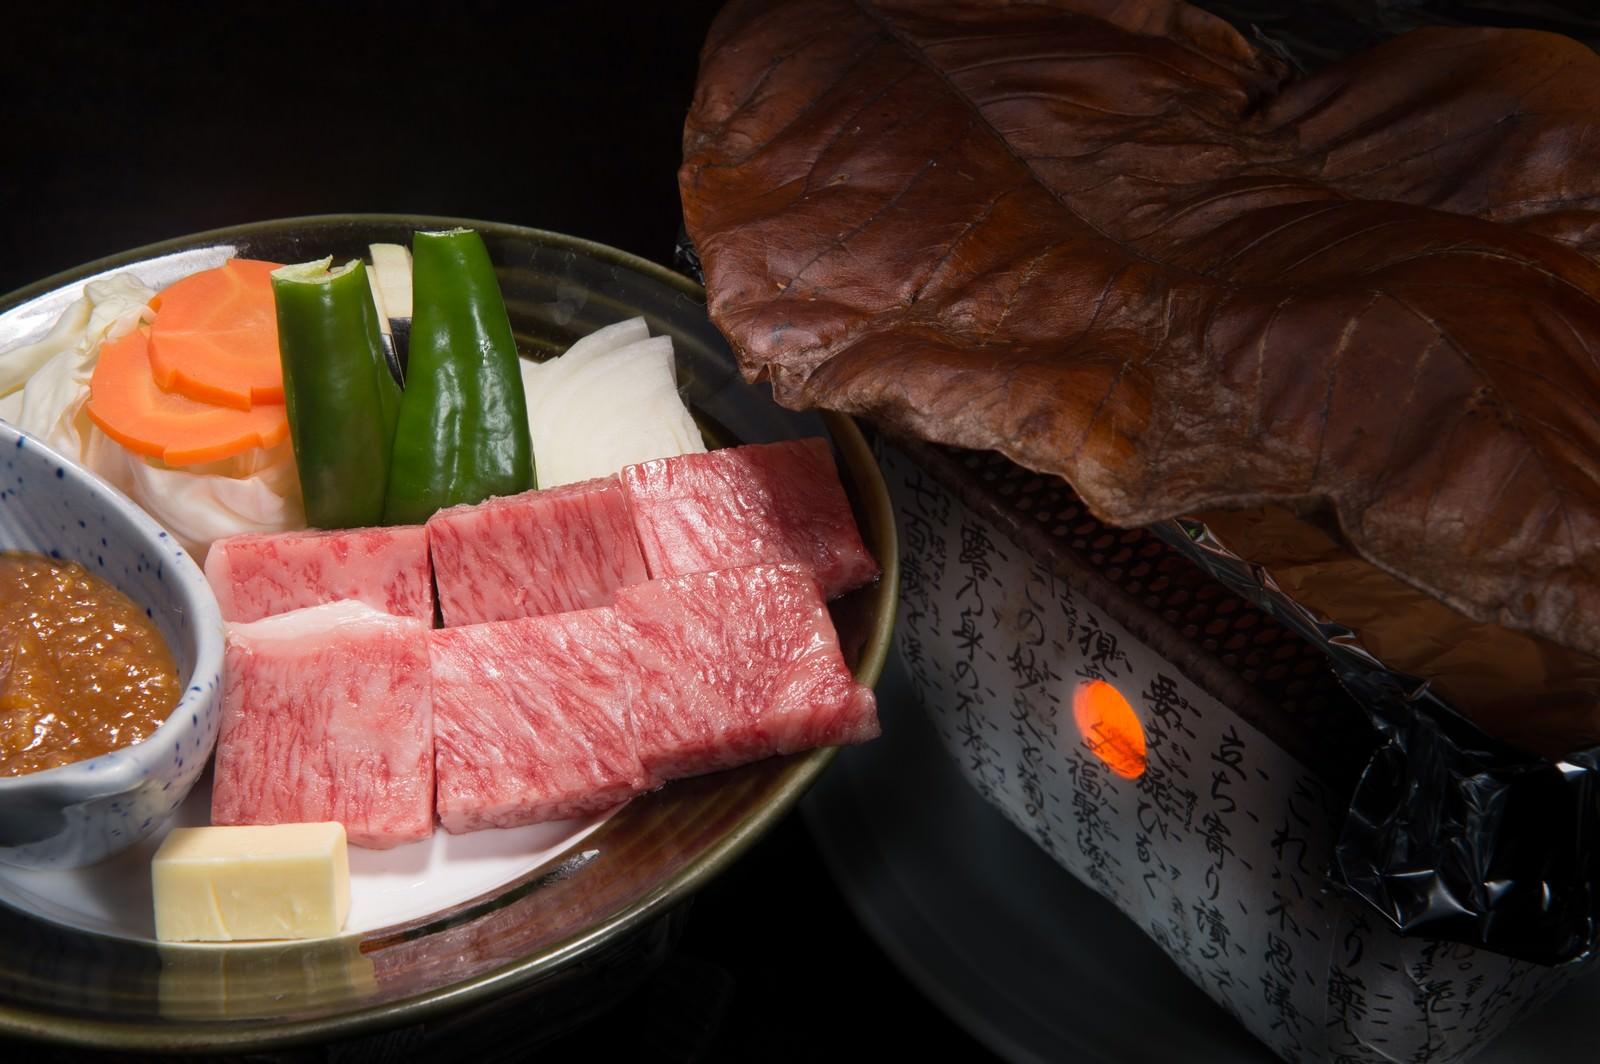 「炭火と朴葉でA5ランク飛騨牛ステーキを焼き上げる」の写真